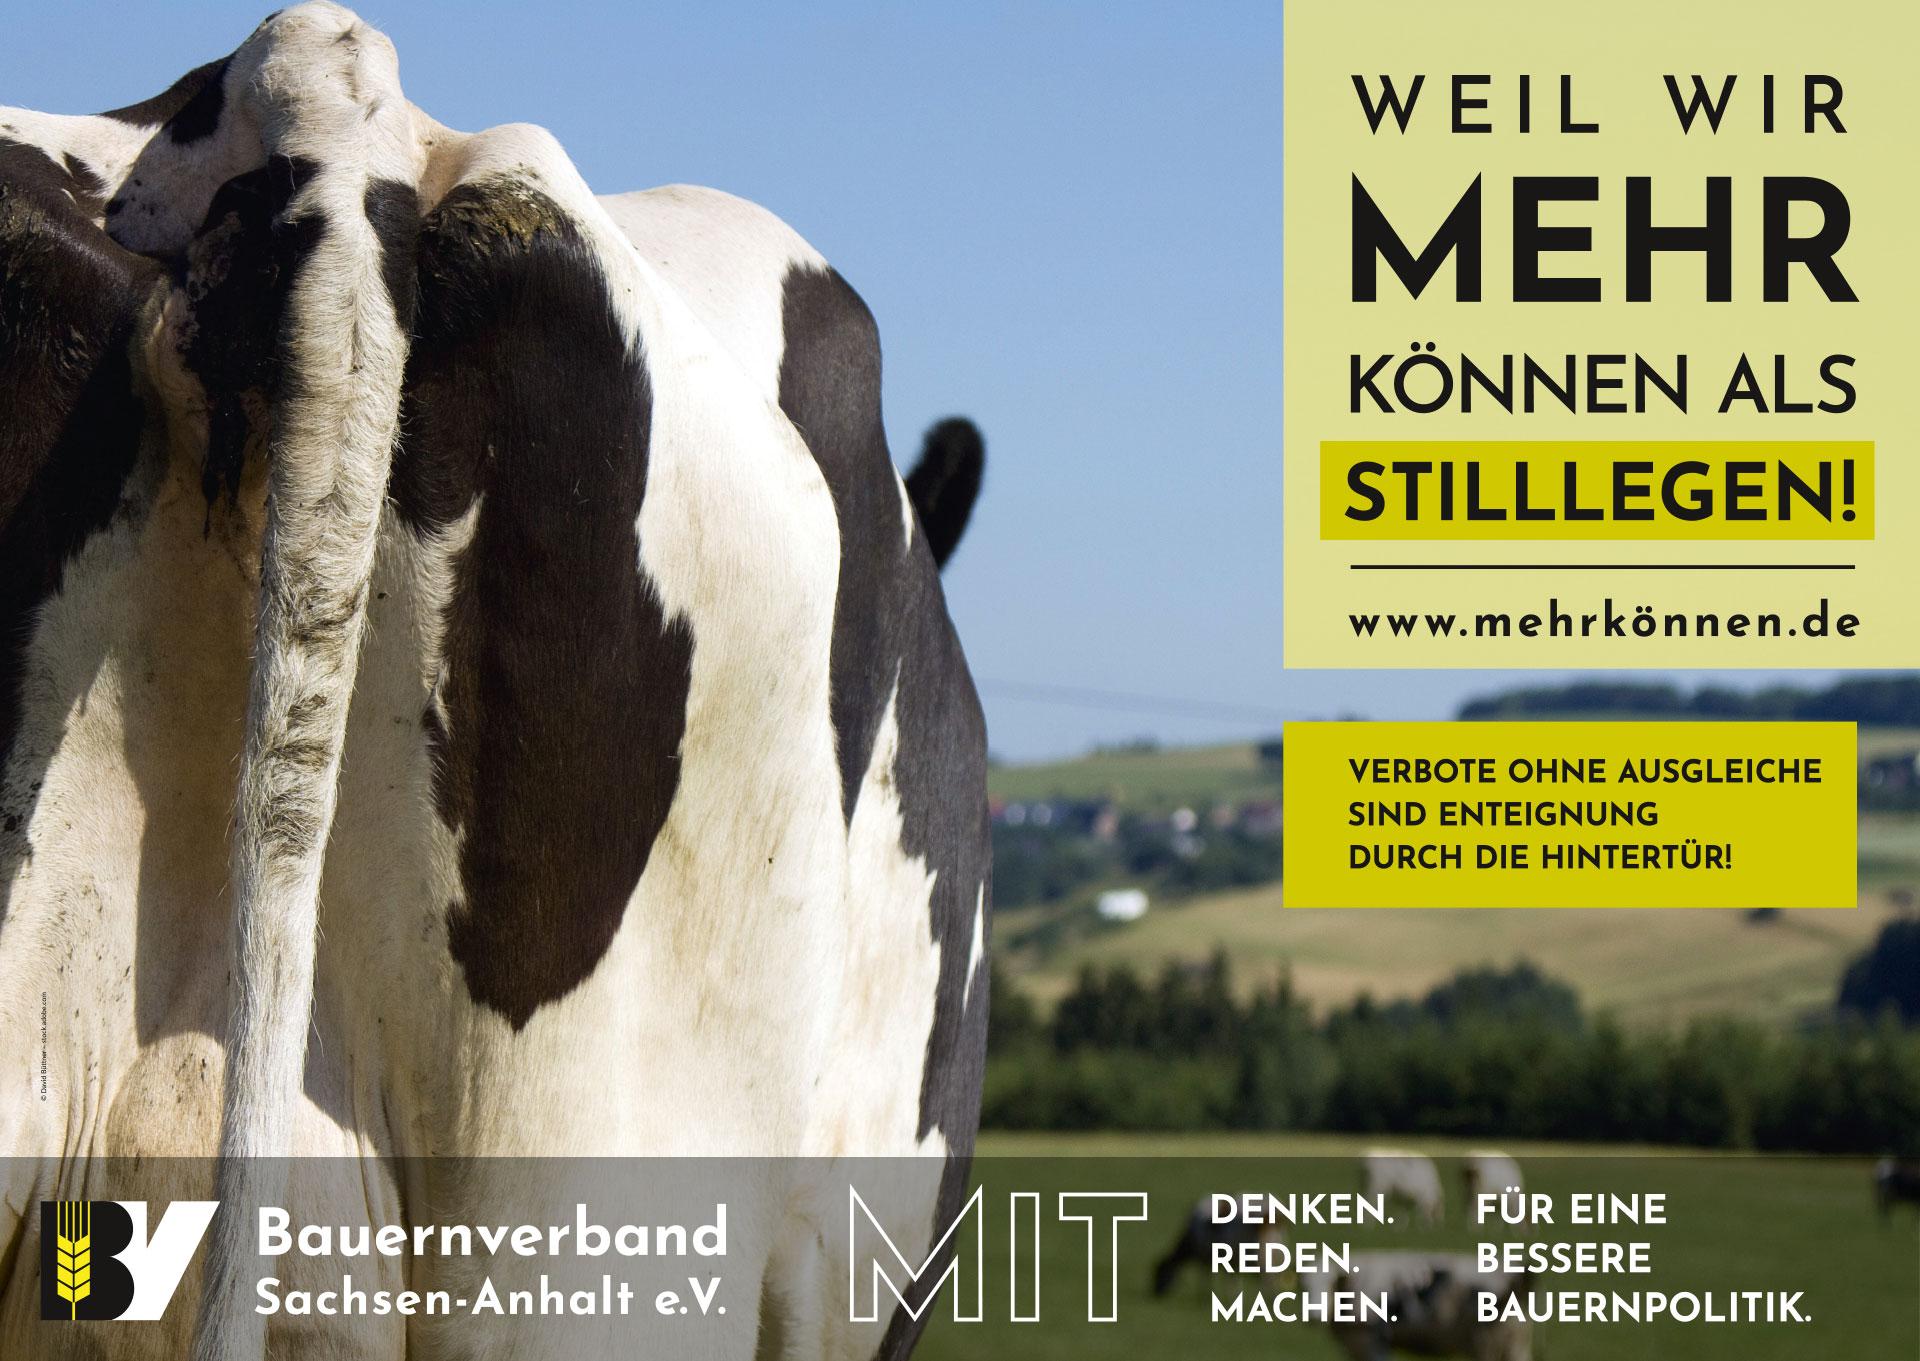 Plakatmotiv: Weil wir mehr können als Stillegen!